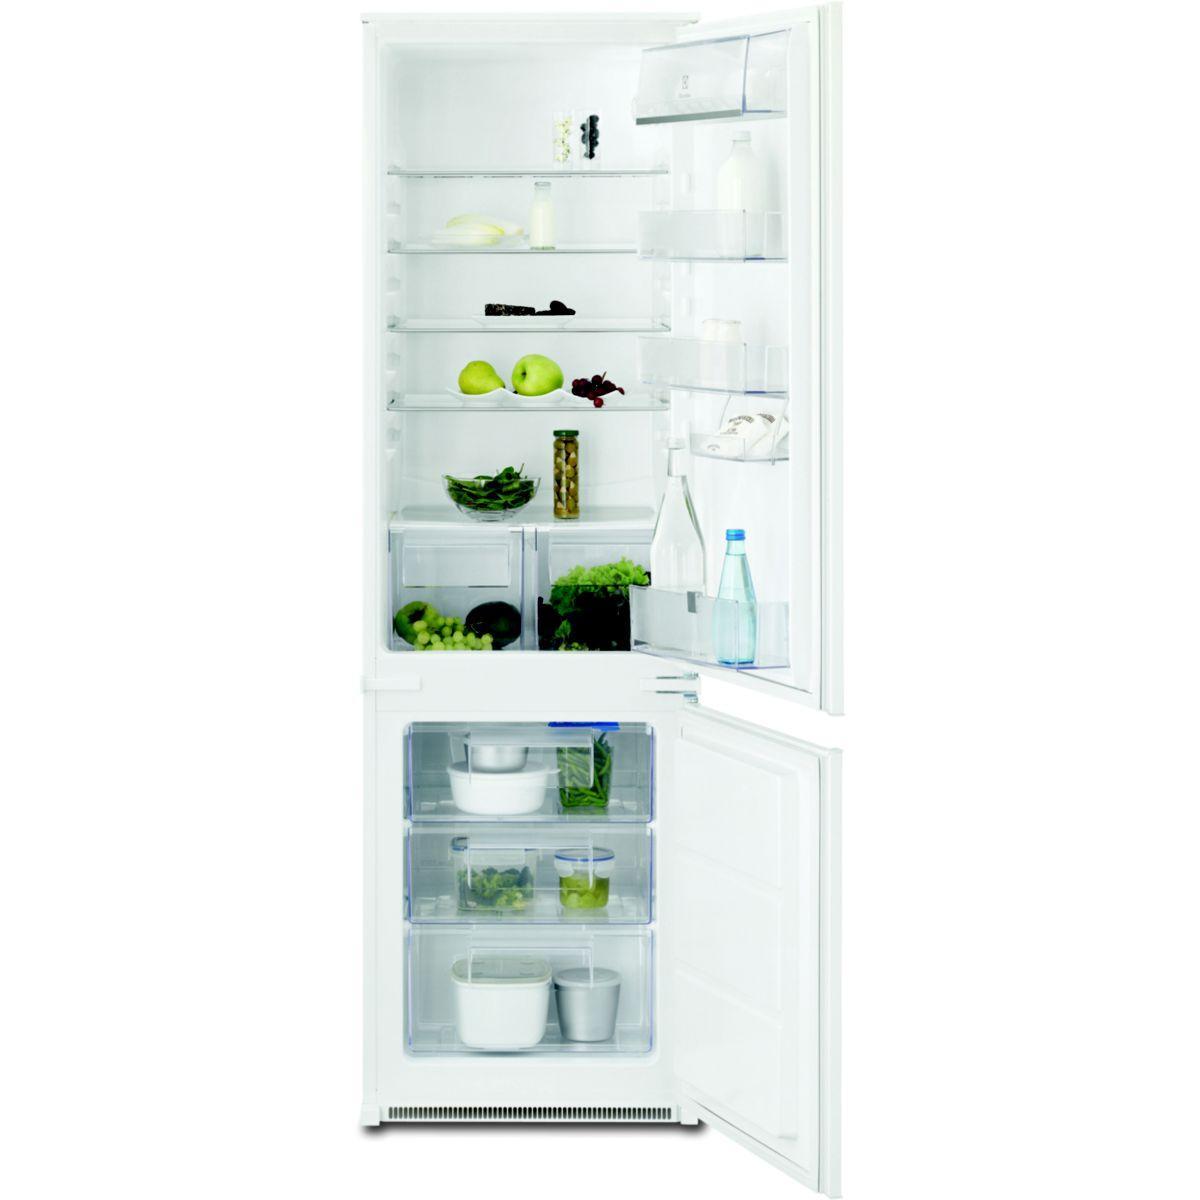 Réfrigérateur encastrable electrolux enn12801aw - 2% de remise immédiate avec le code : cool2 (photo)